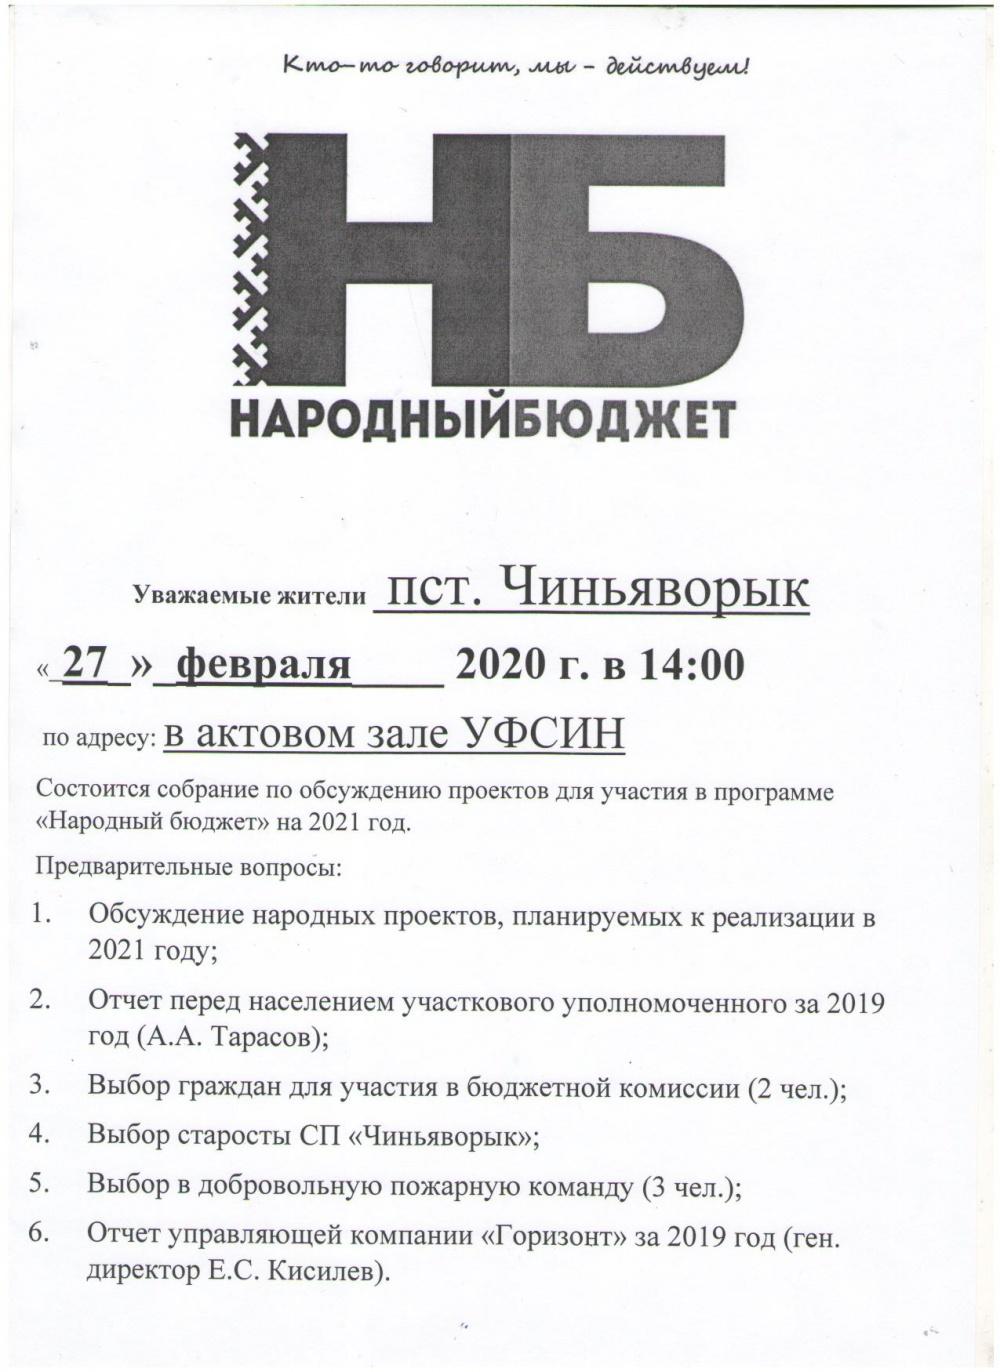 """Уважаемые жители п. Чиньяворык, 27 февраля 2020 года в 14:00, в актовом зале УФСИН, состоится собрание по обсуждению проектов для участия в программе """"Народный Бюджет"""" на 2021 год!"""